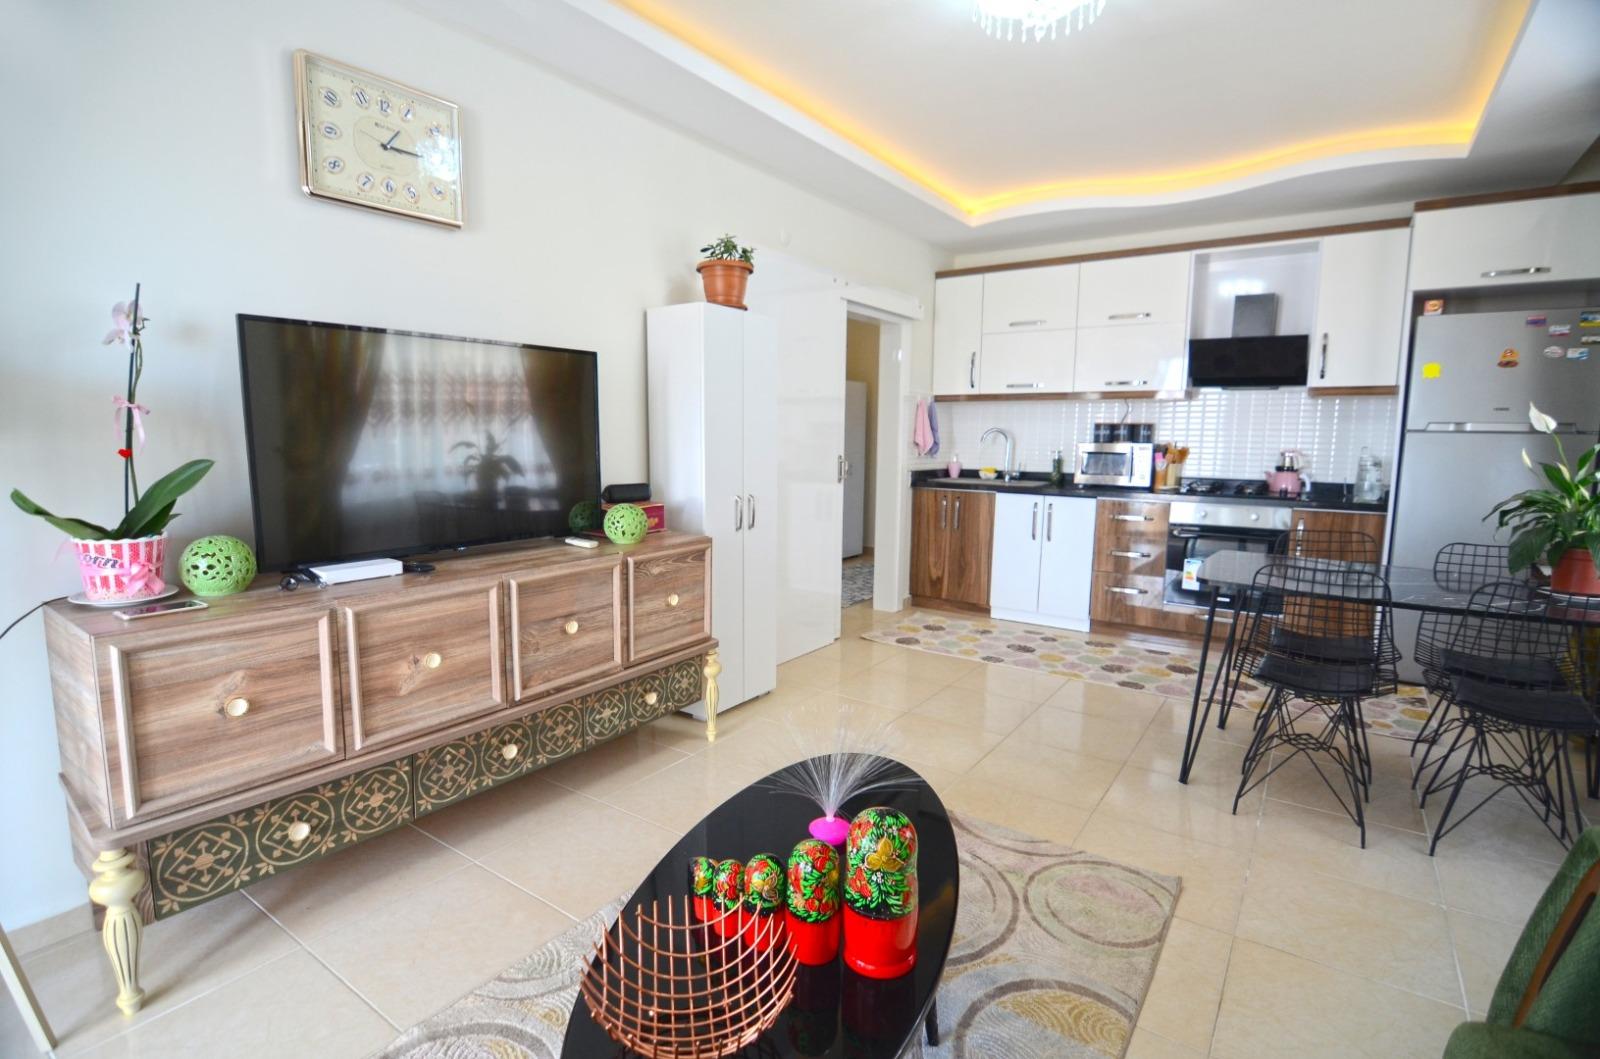 Меблированные апартаменты 1+1 в  Махмутлара - Фото 22